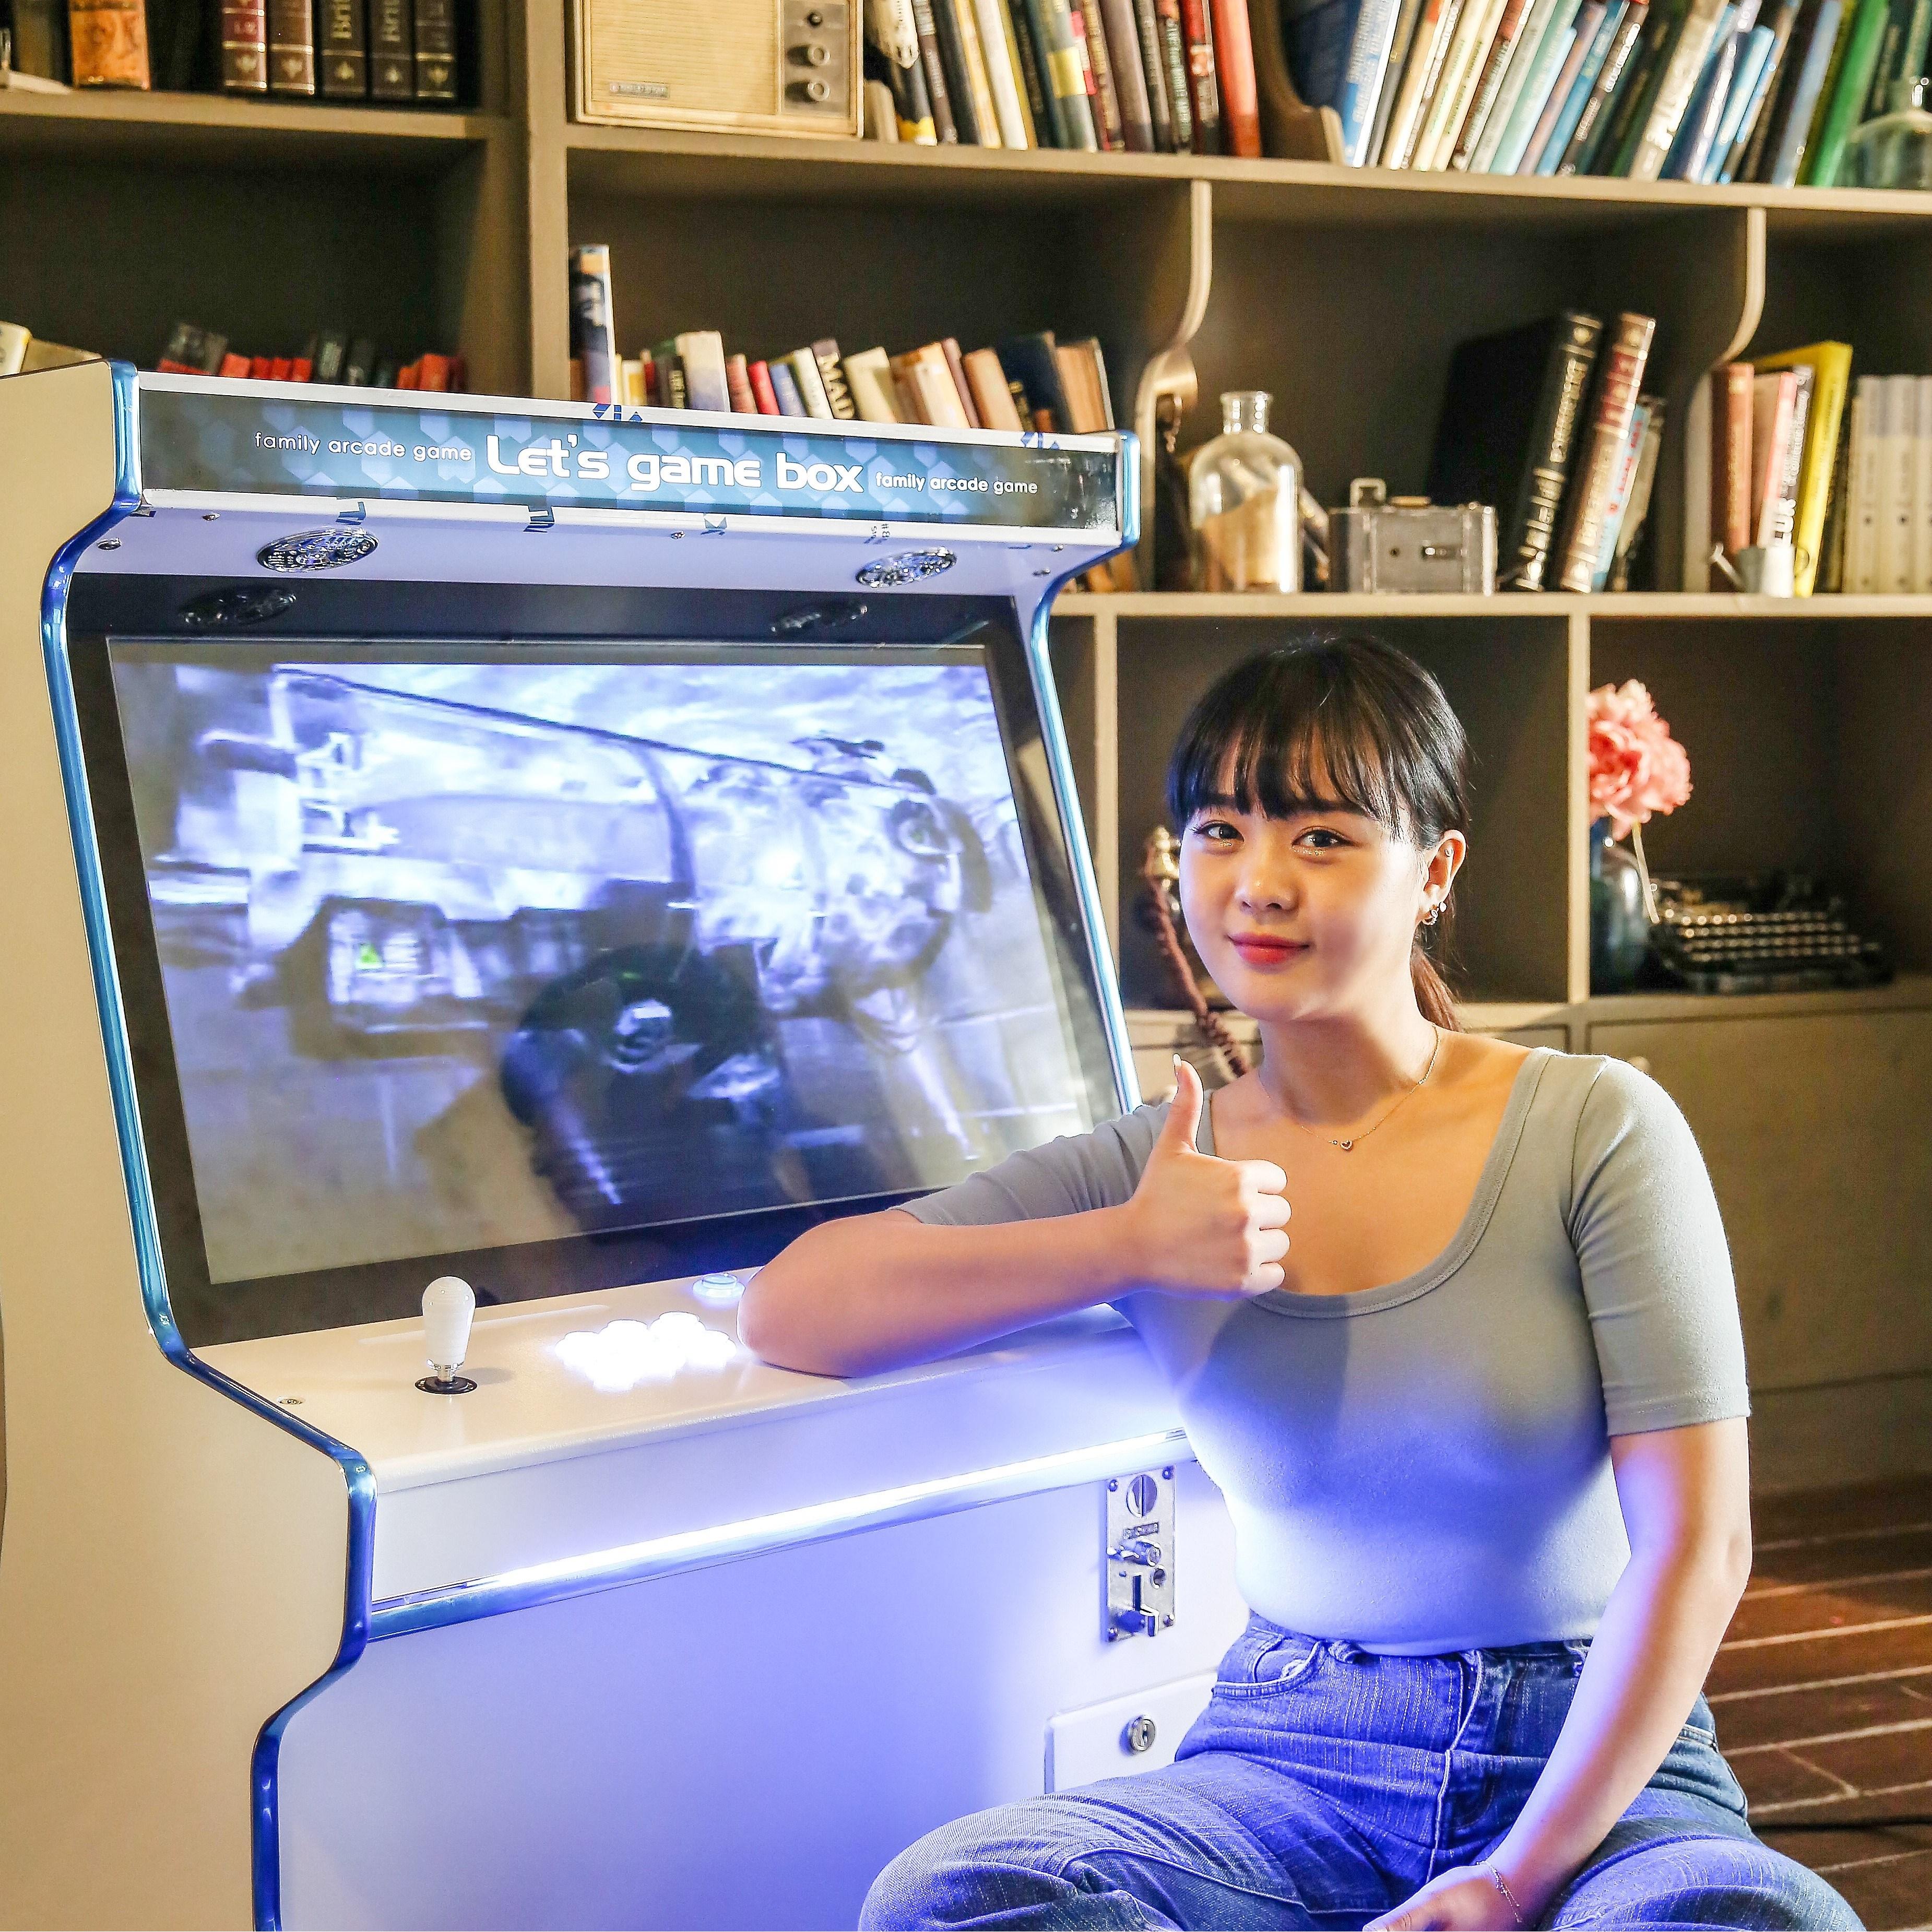 오락실게임기레츠게임박스 뉴트로 가정용 오락실 게임기, 24인치 좌식형